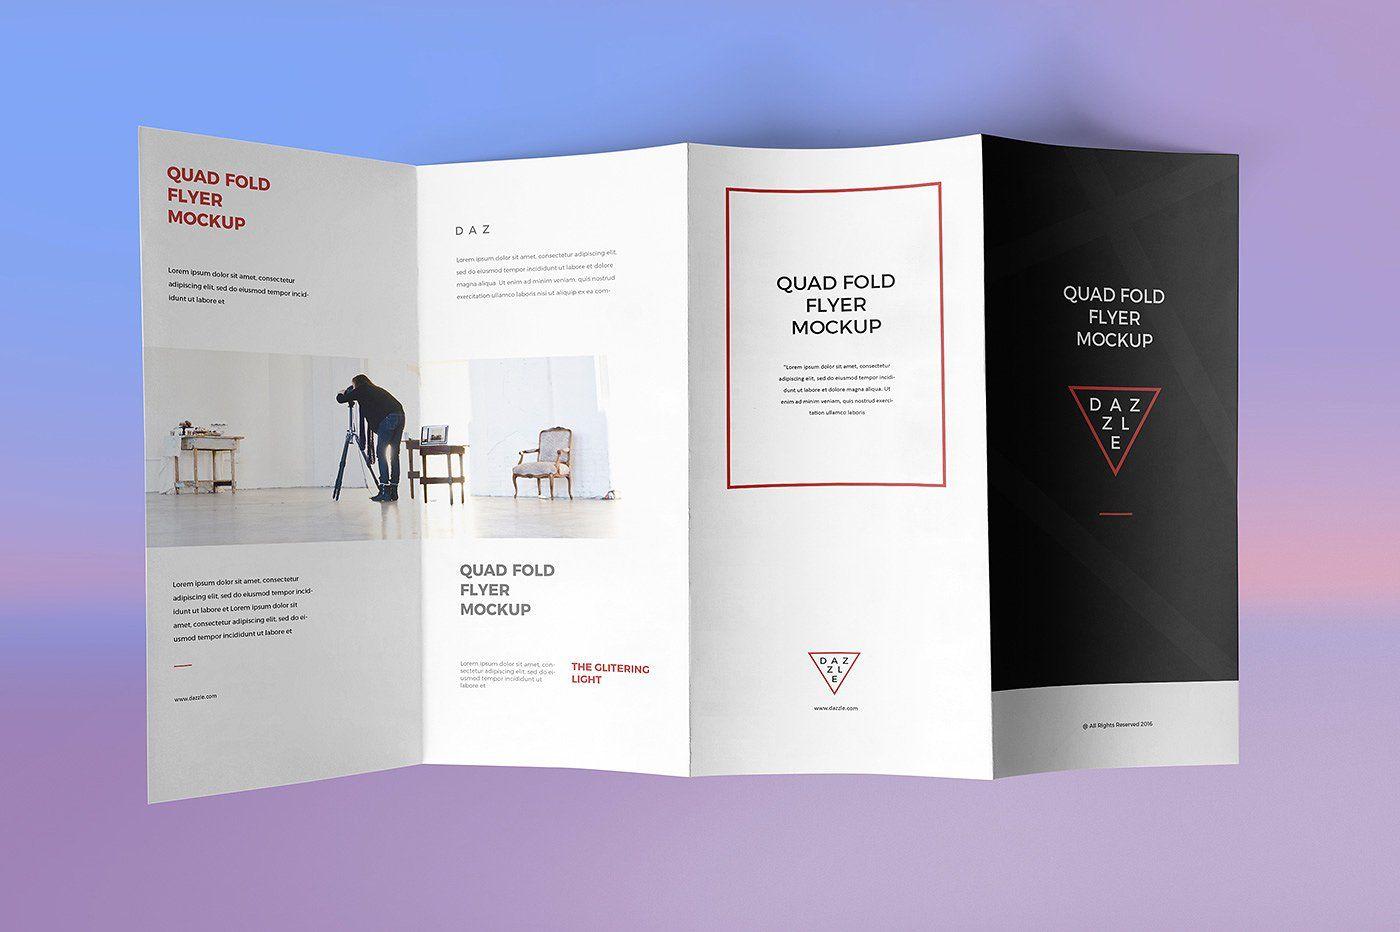 Quad Fold Flyer Mockups Brochure Psd Brochure Mockup Free Brochure Design Template